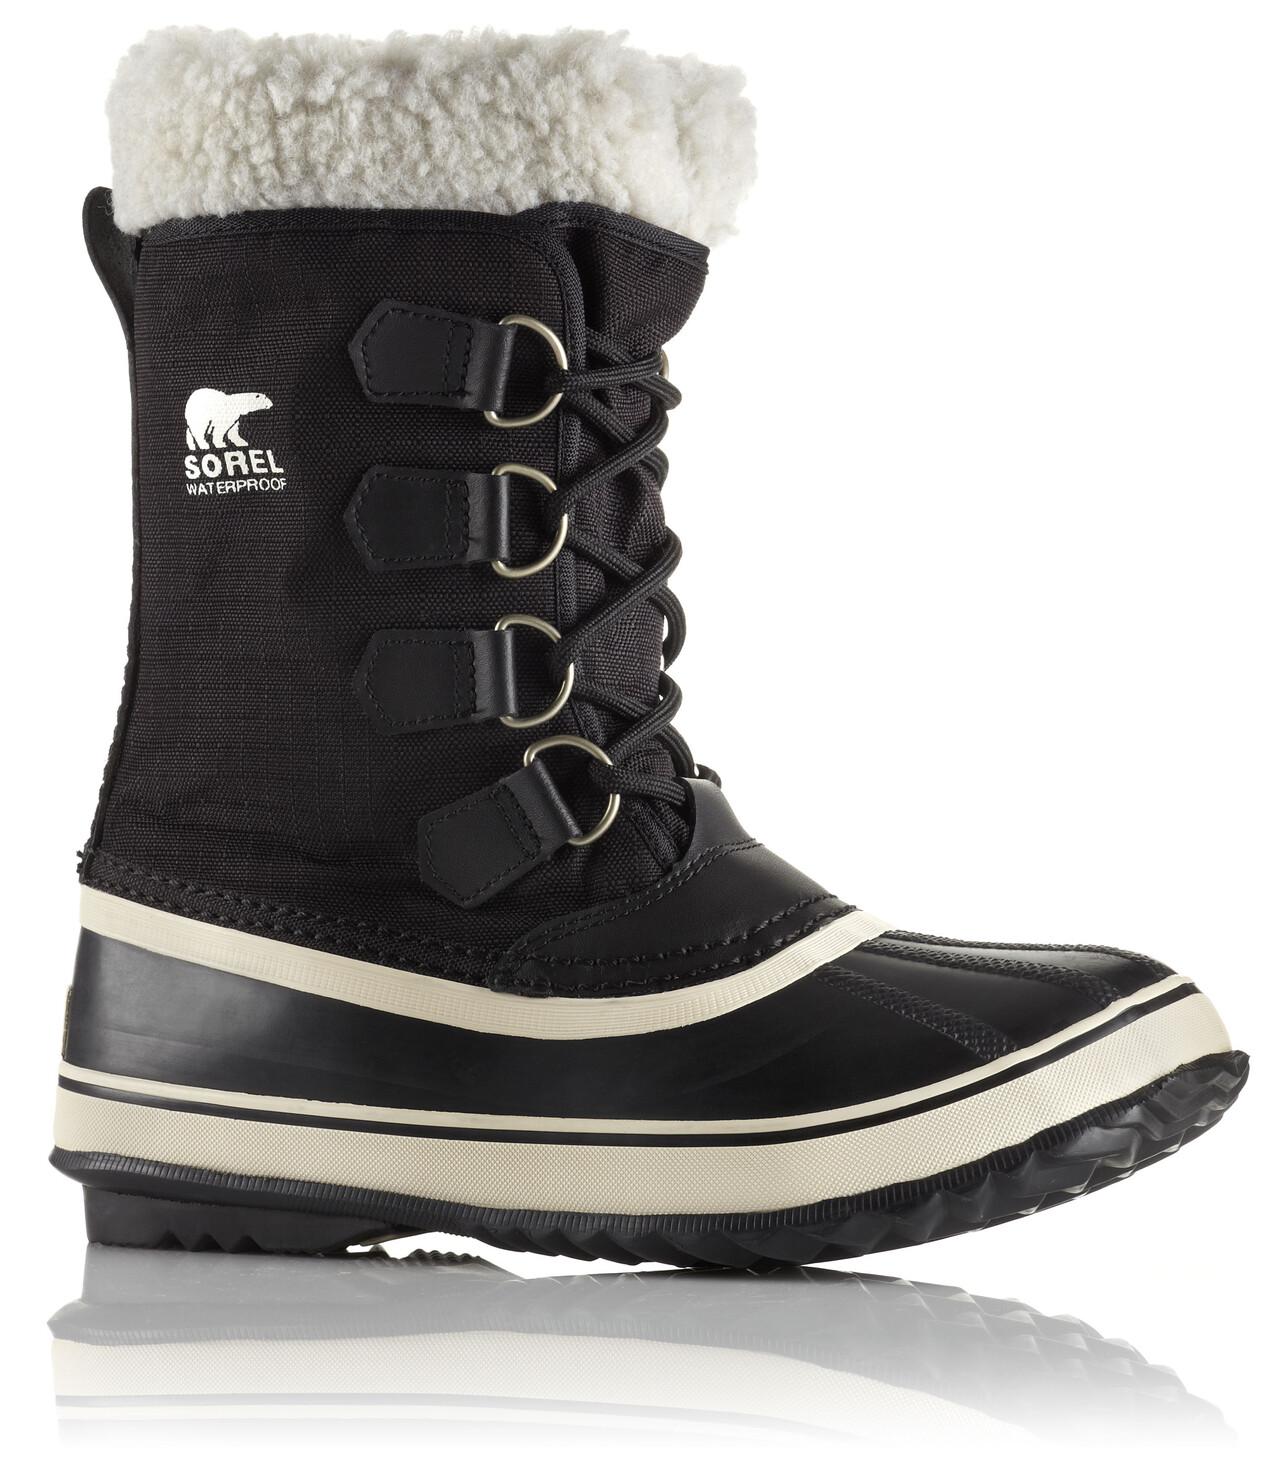 Chez Sorel, on trouve un large choix de modèles mariant avec génie les avantages de la botte en caoutchouc avec ceux de la botte d'hiver. Les plus : le chausson est amovible et lavable, la coque est réalisée artisanalement et les chaussures sont conçues pour résister à -32°C.